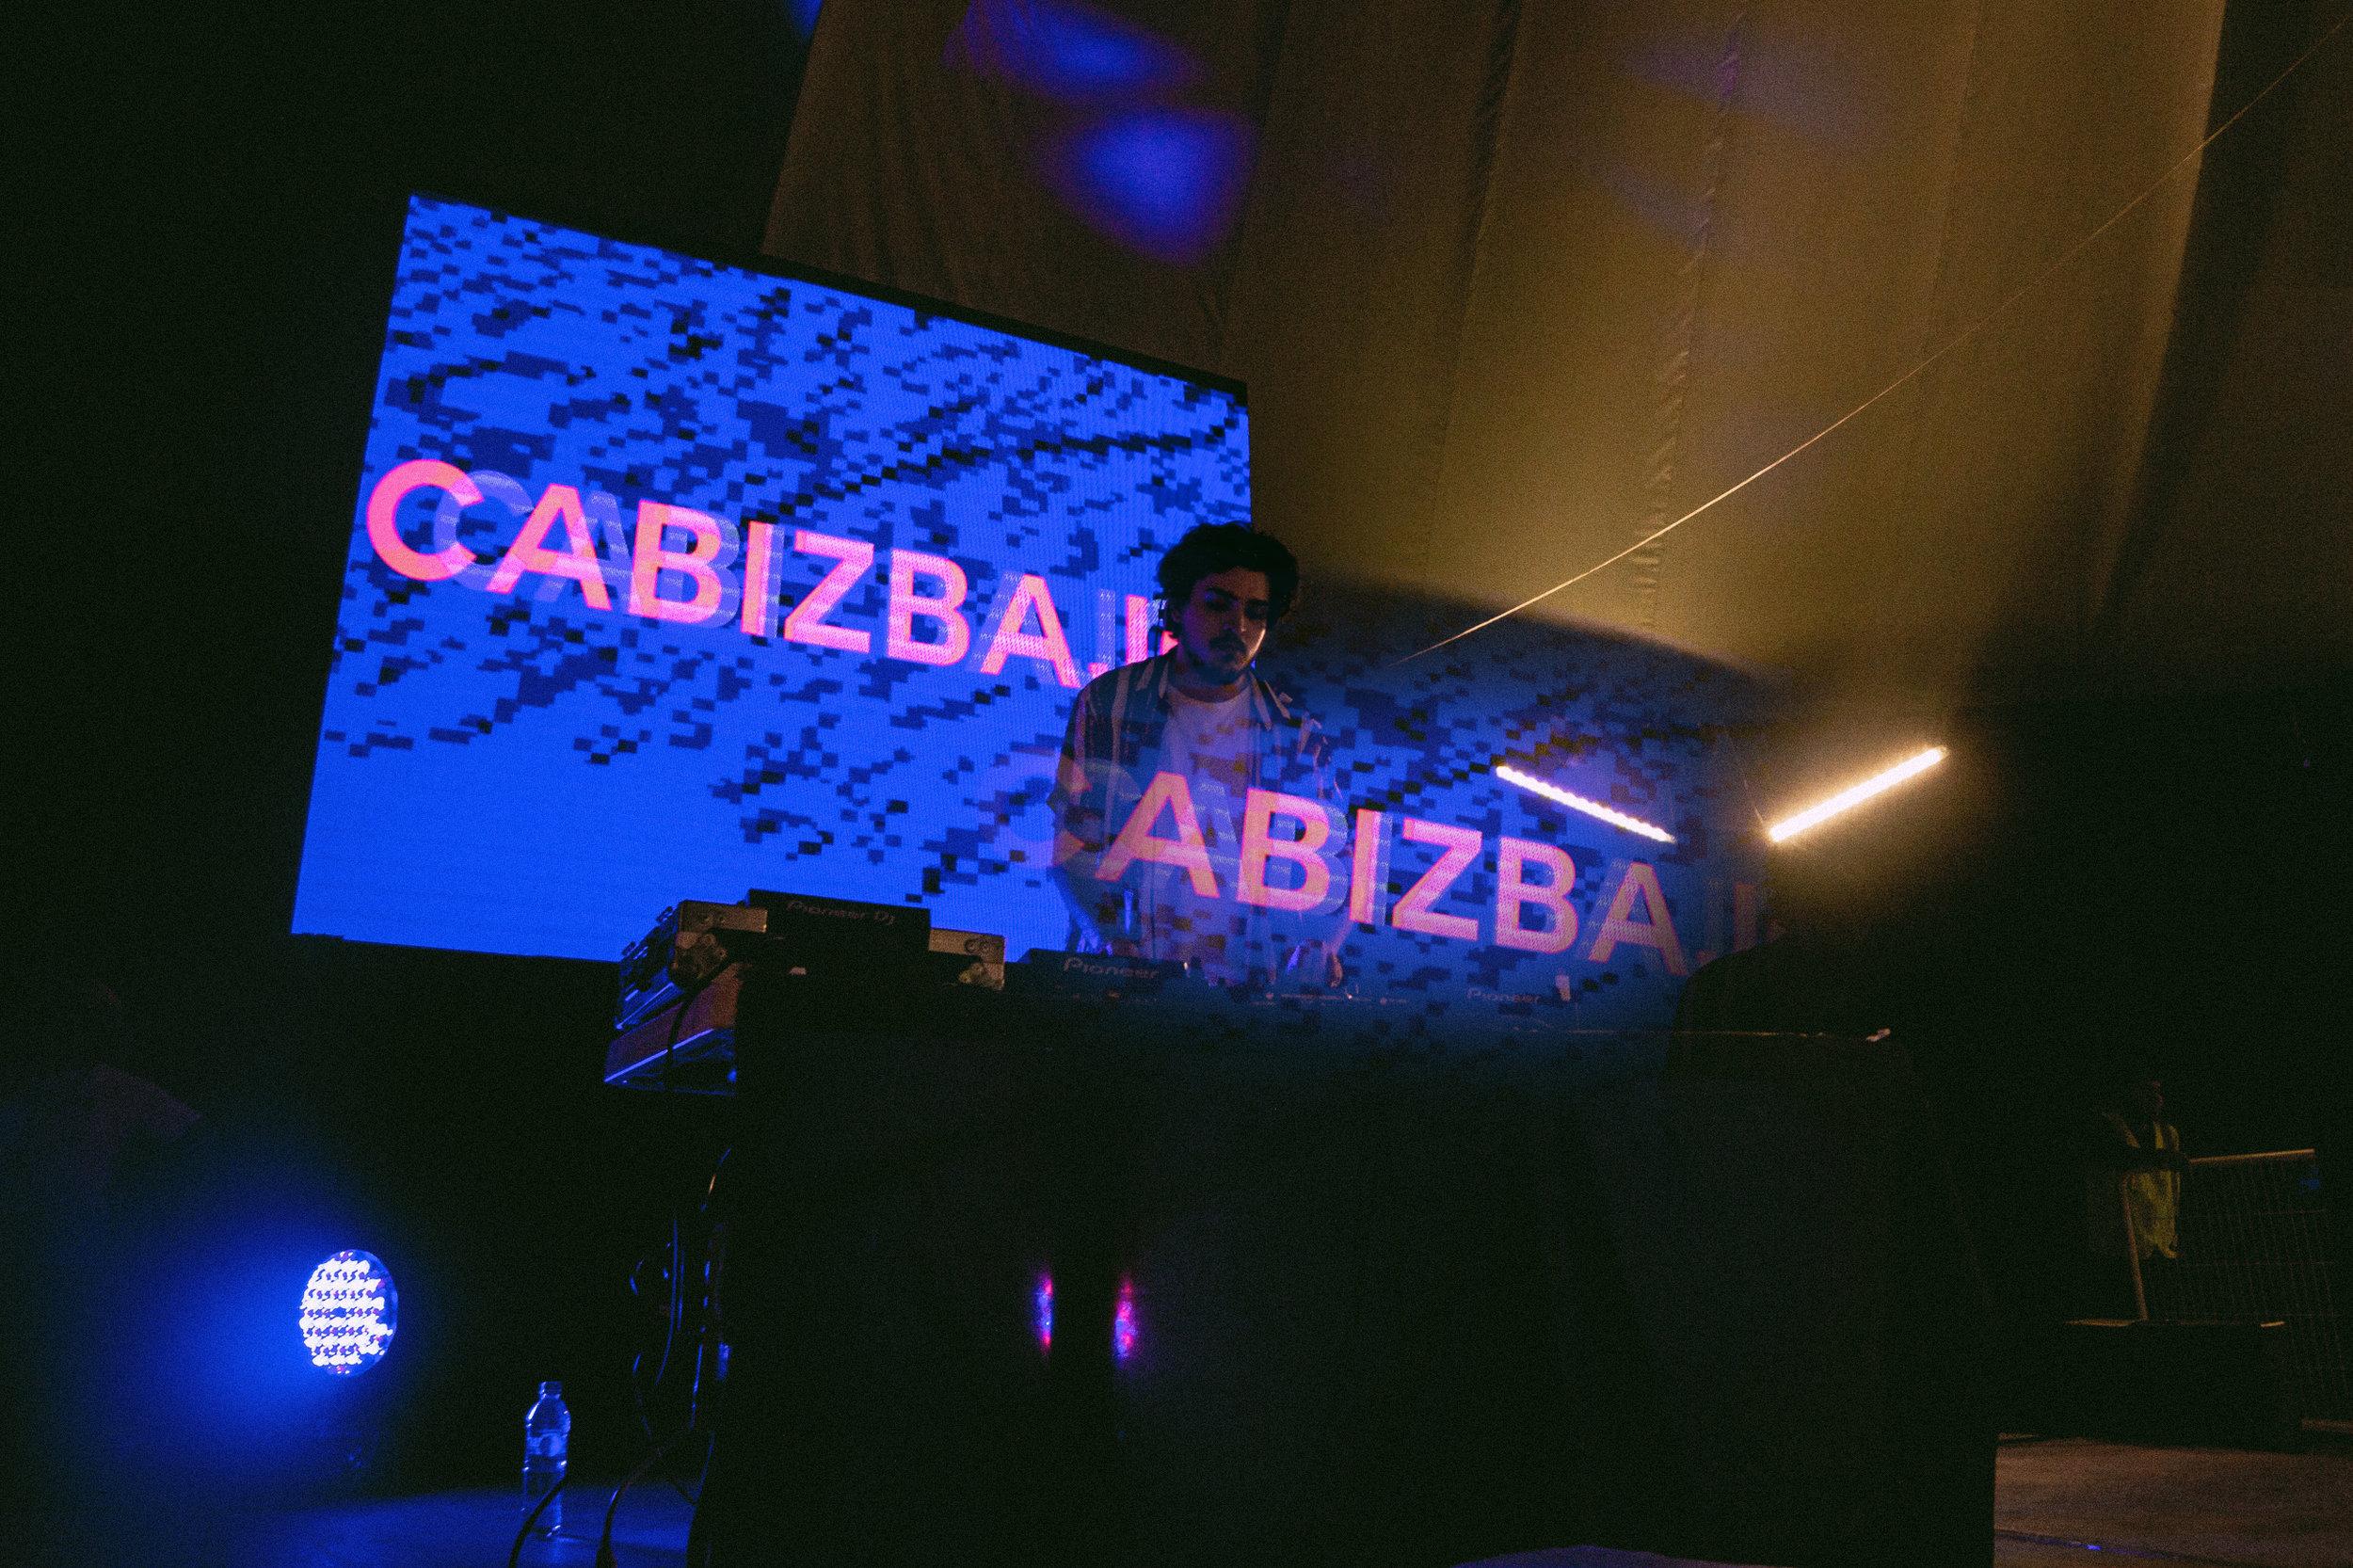 Cabizbajo